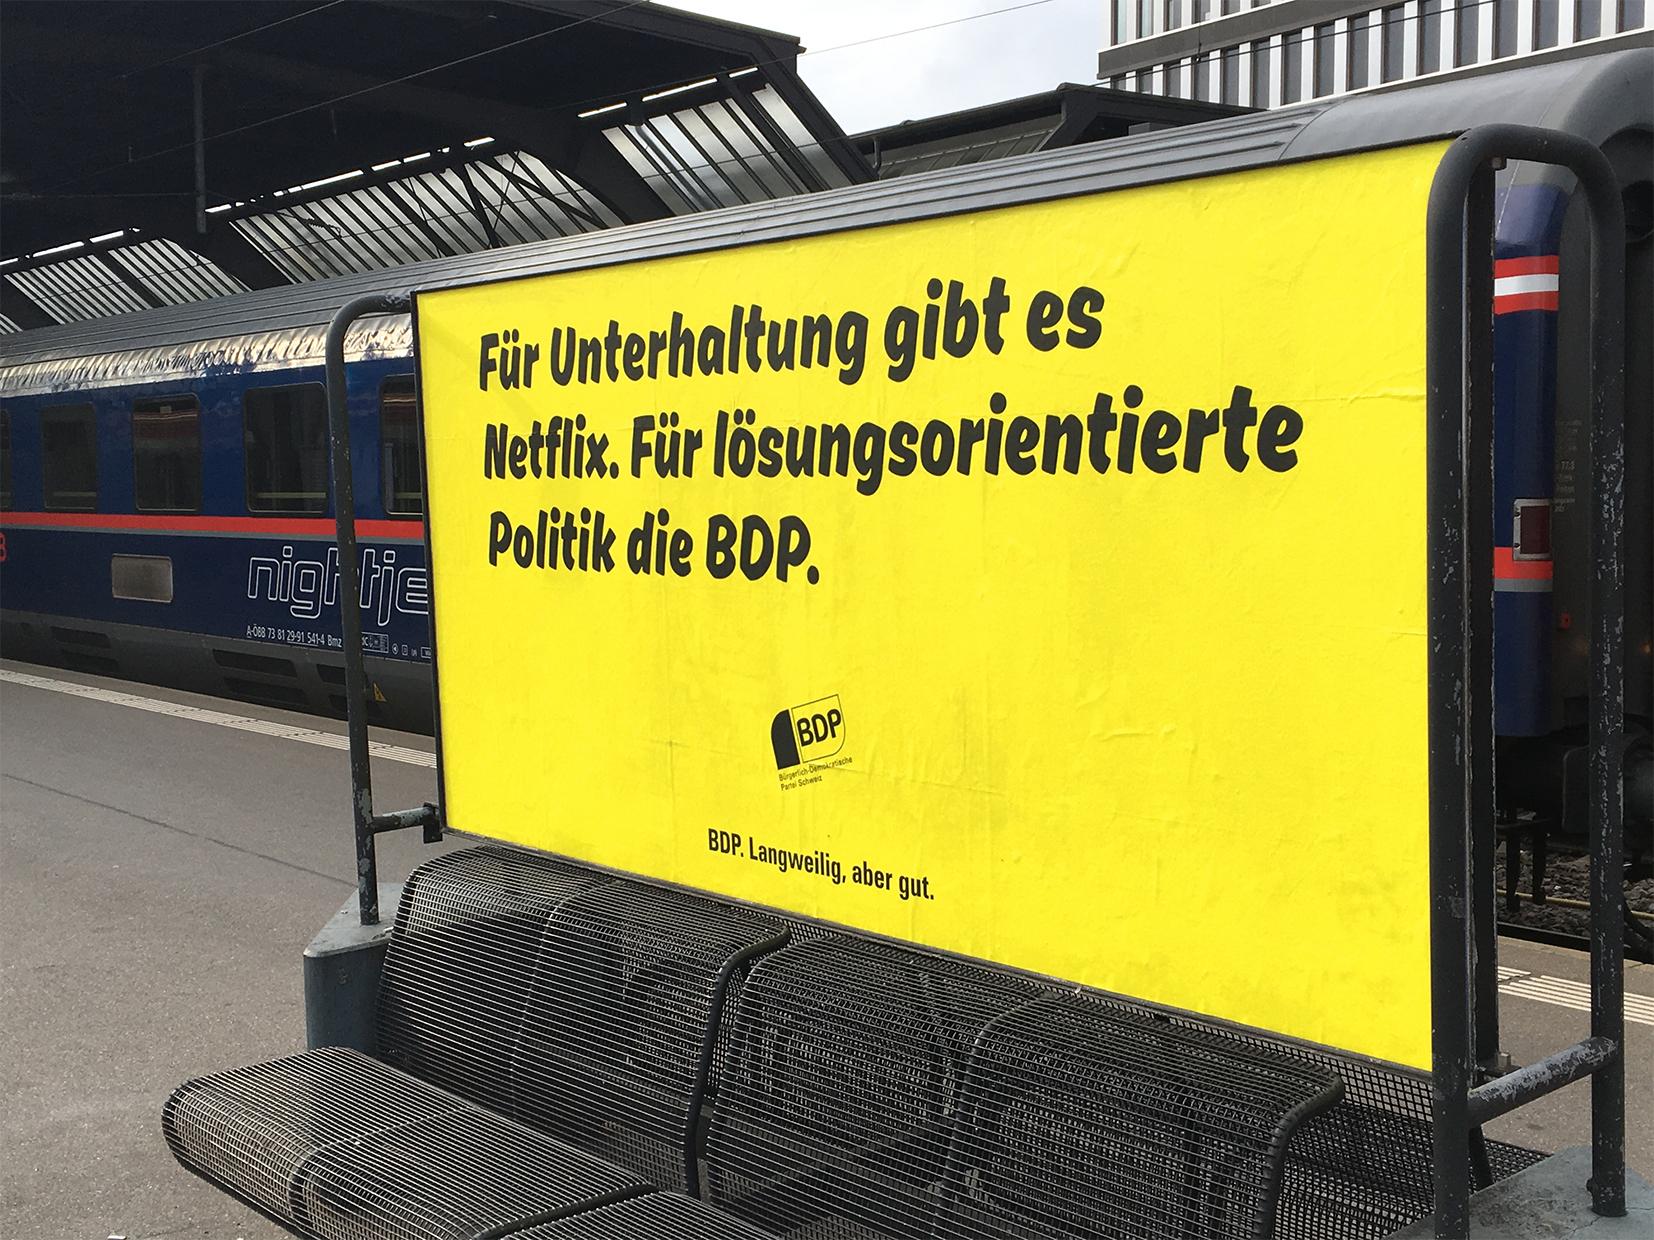 Netflix_BDP.jpg